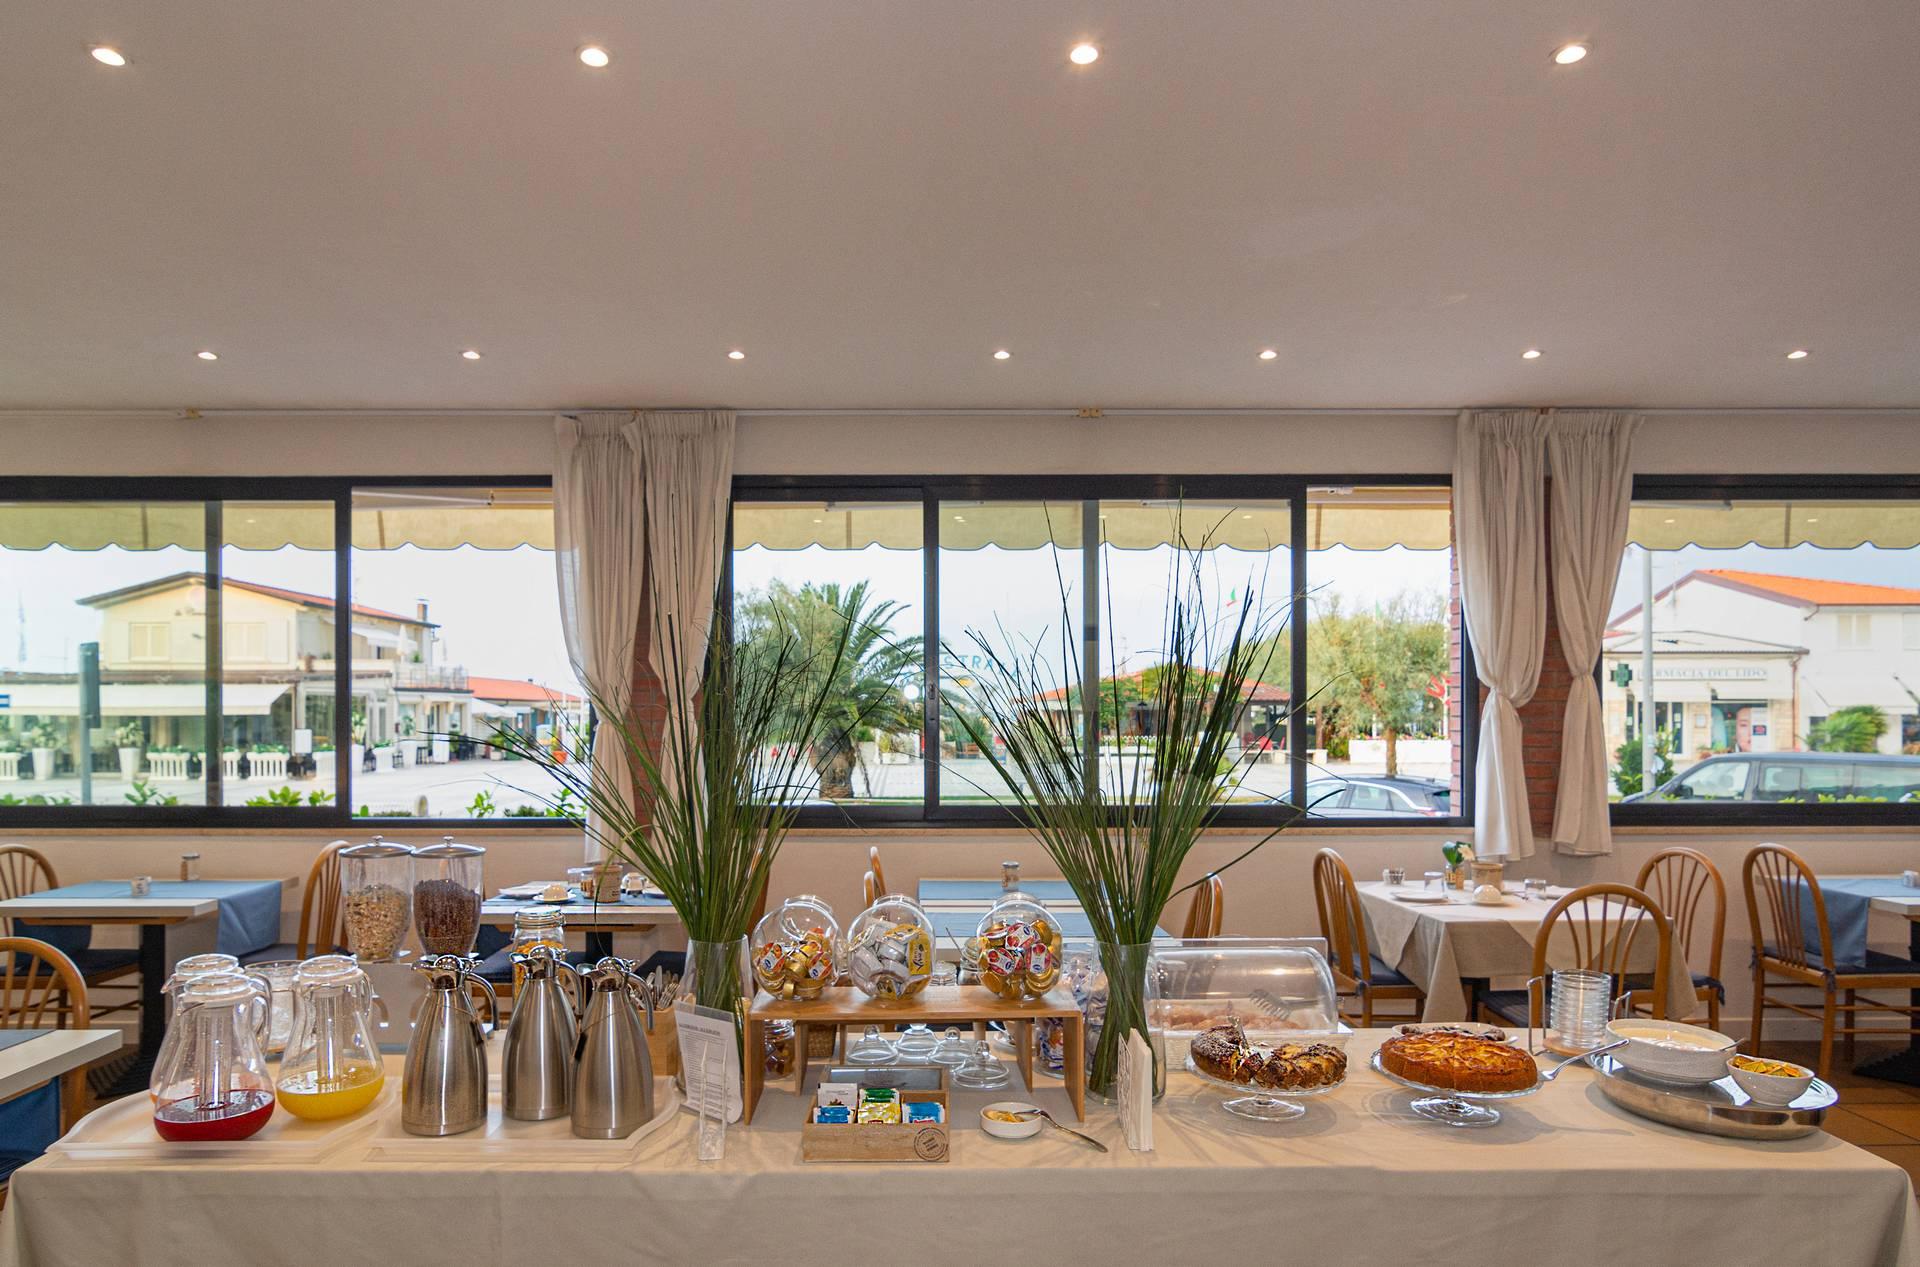 Servizi All Hotel Brunella In Versilia B B 3 Stelle A Lido Di Camaiore Con Wi Fi Gratuita